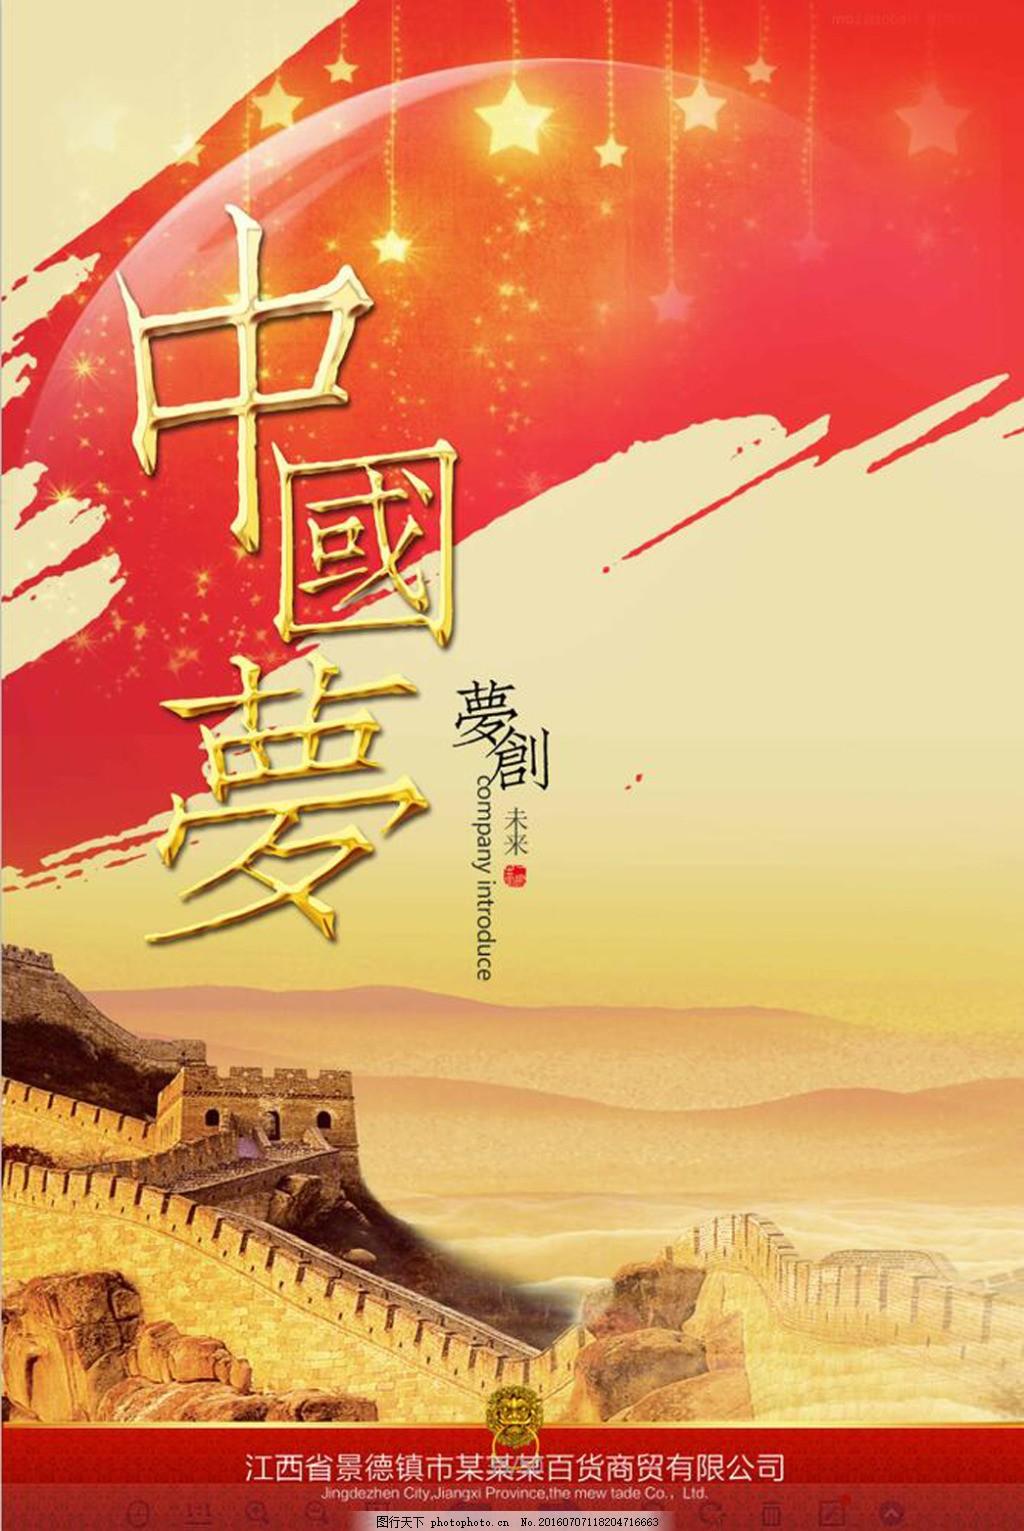 中国梦海报 励志 中国梦 海报 长城 背景